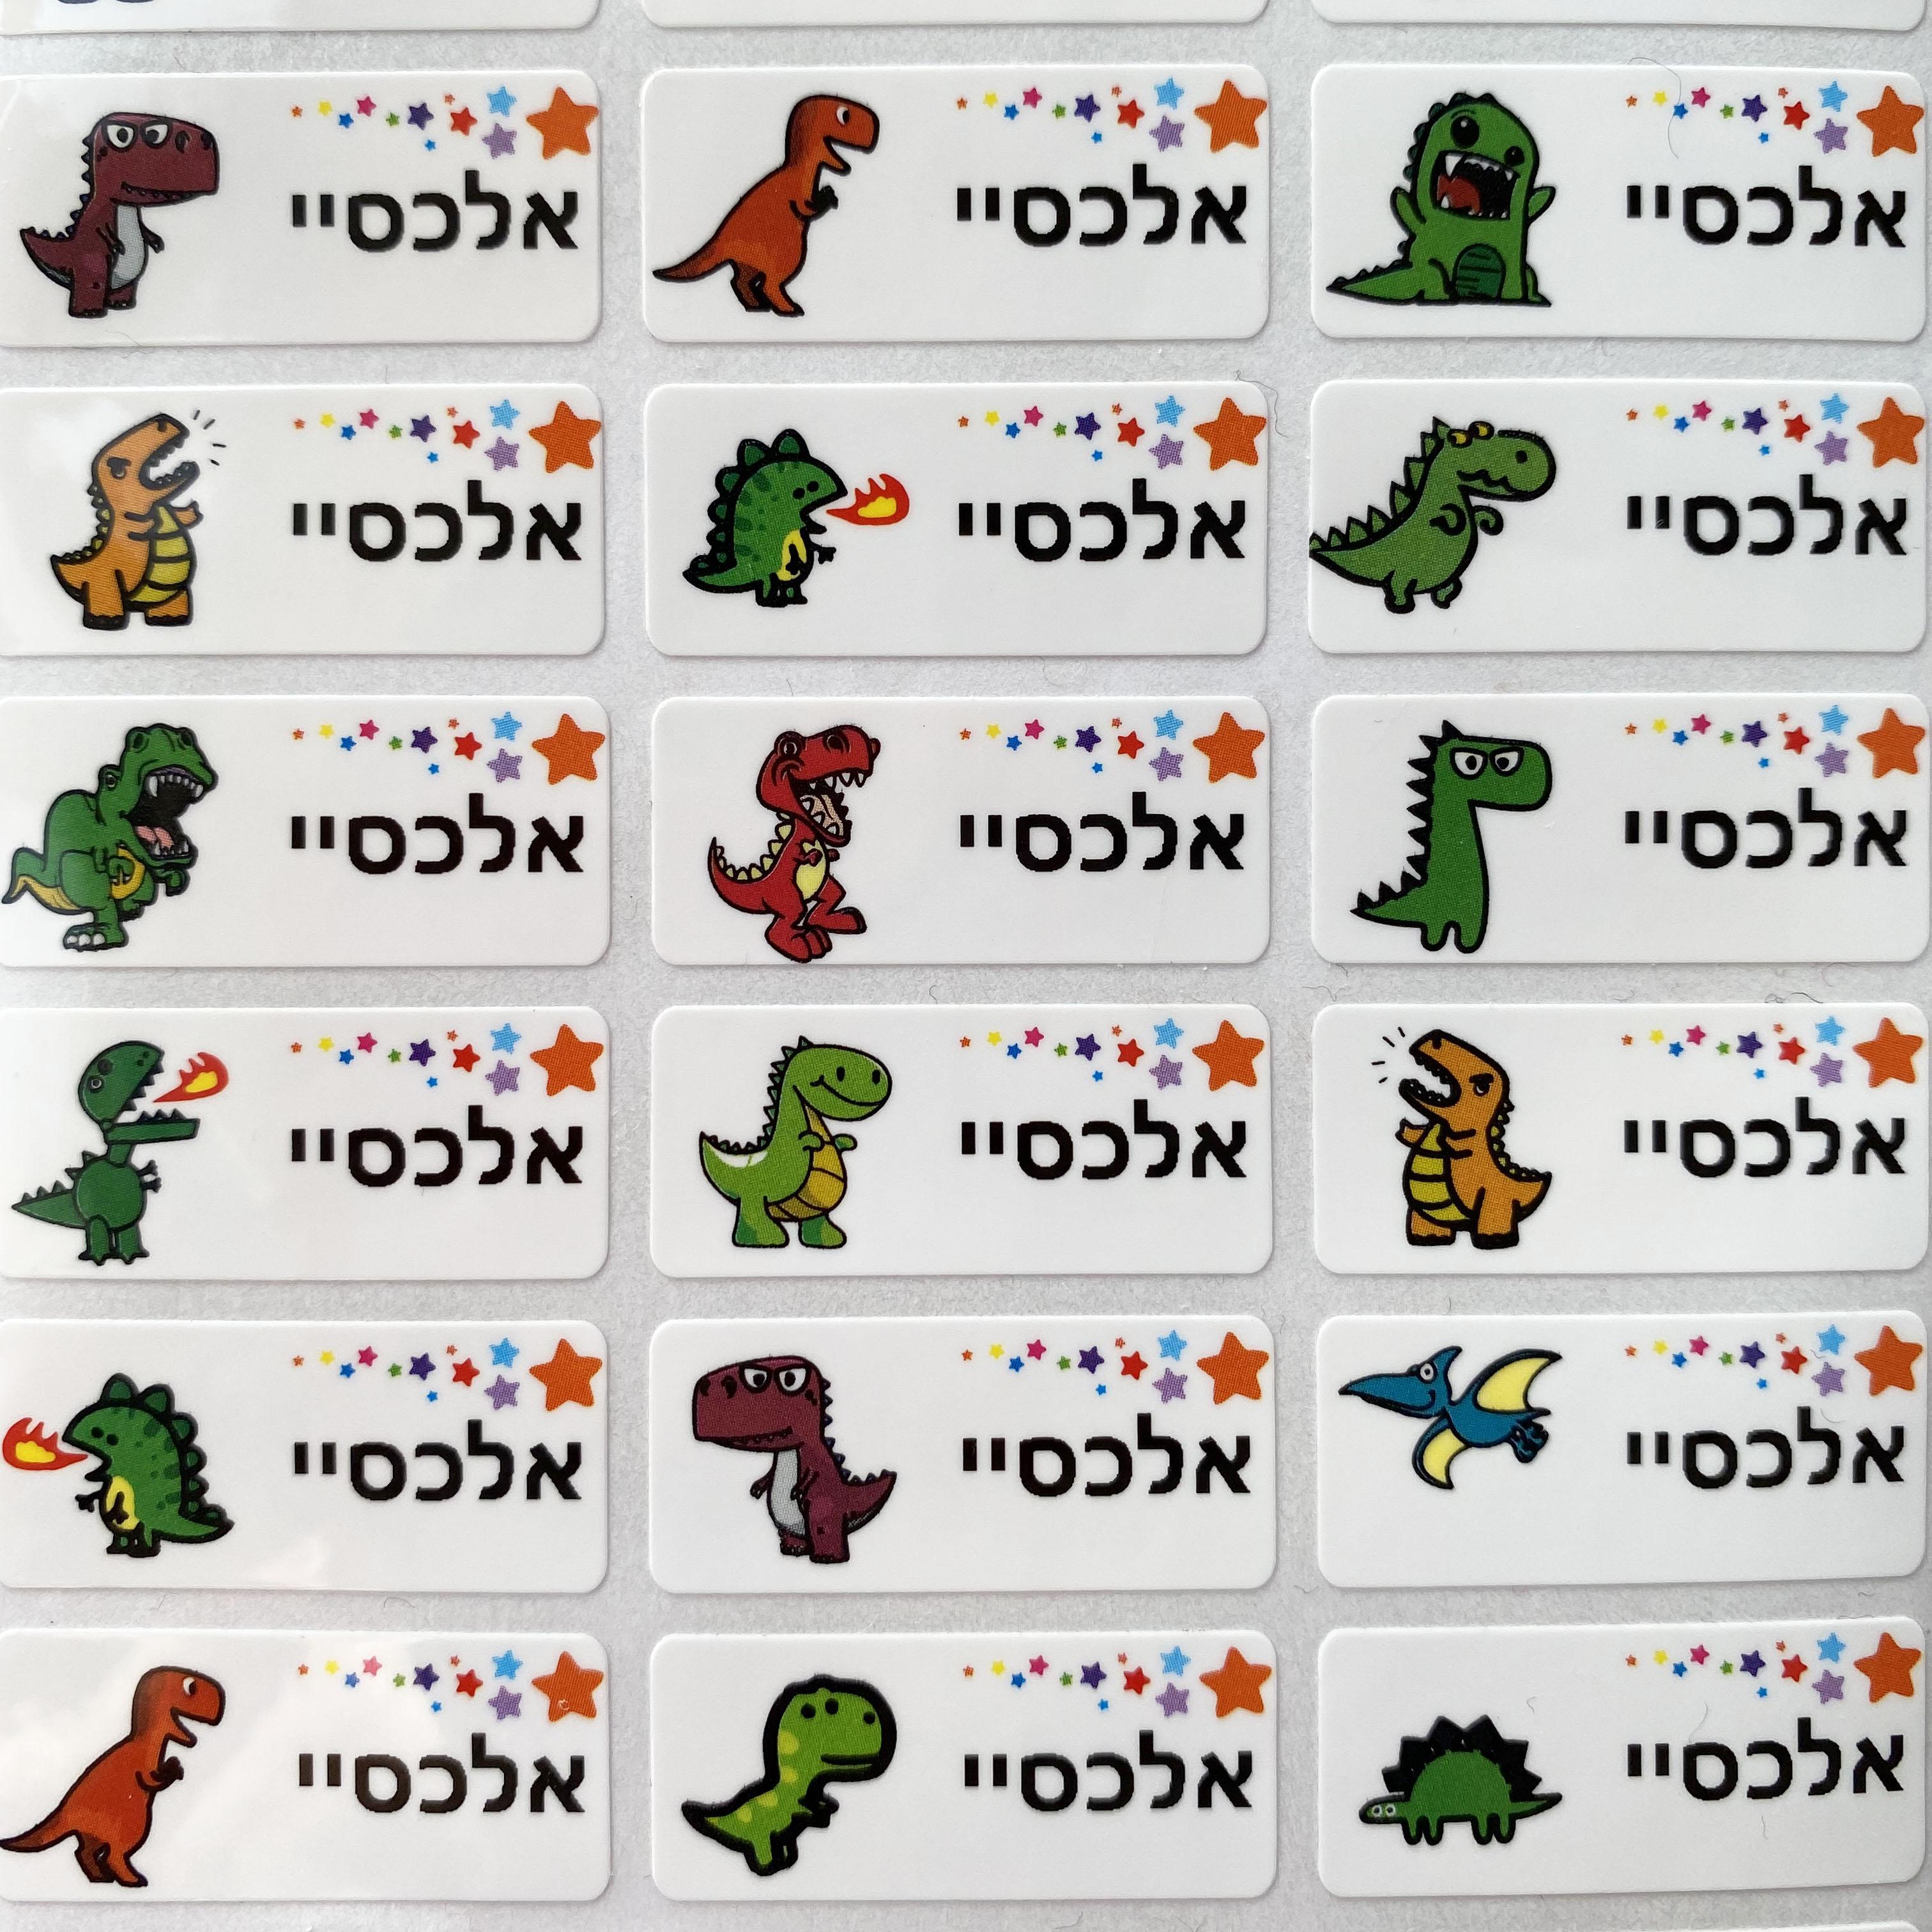 pegatina-de-dibujo-de-dinosaurio-personalizada-para-ninos-etiqueta-personal-multicolor-impermeable-album-de-recortes-juego-de-papeleria-escolar-60-uds